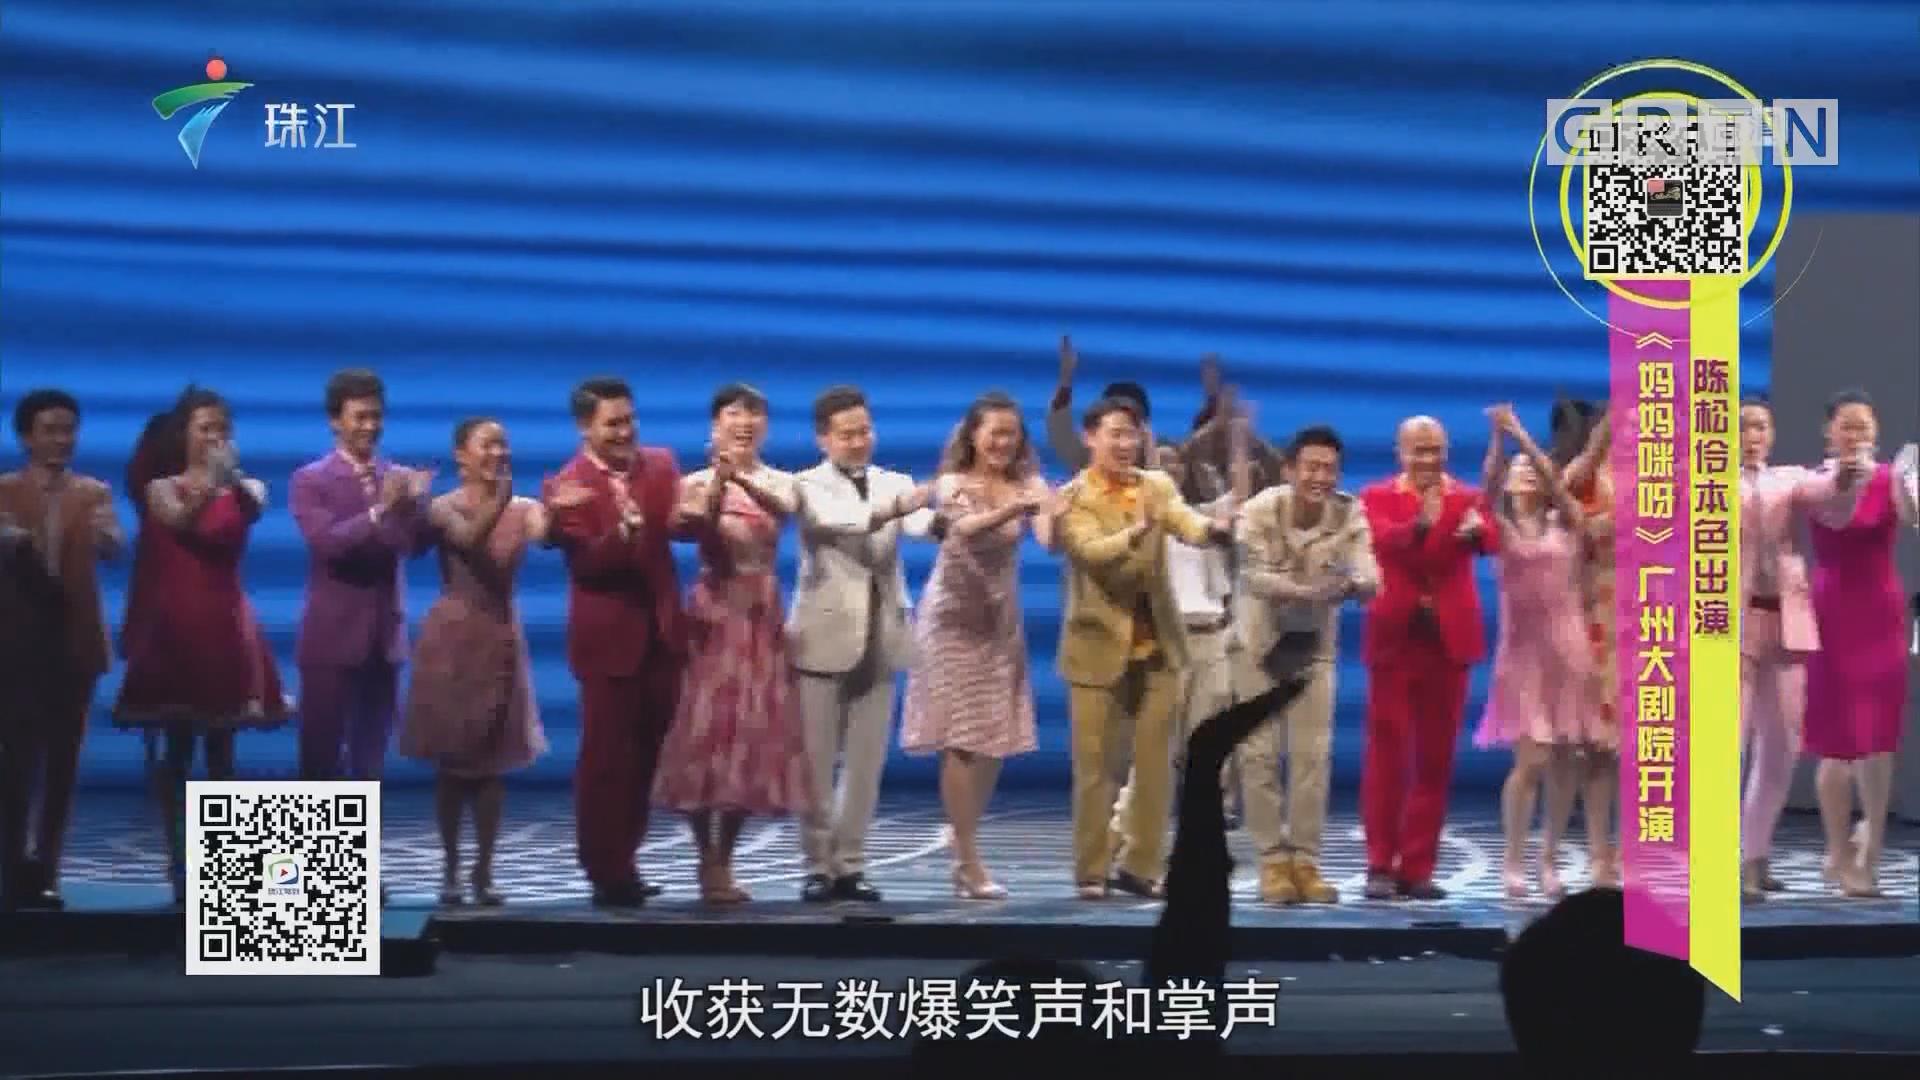 陈松伶本色出演《妈妈咪呀》广州大剧院开演